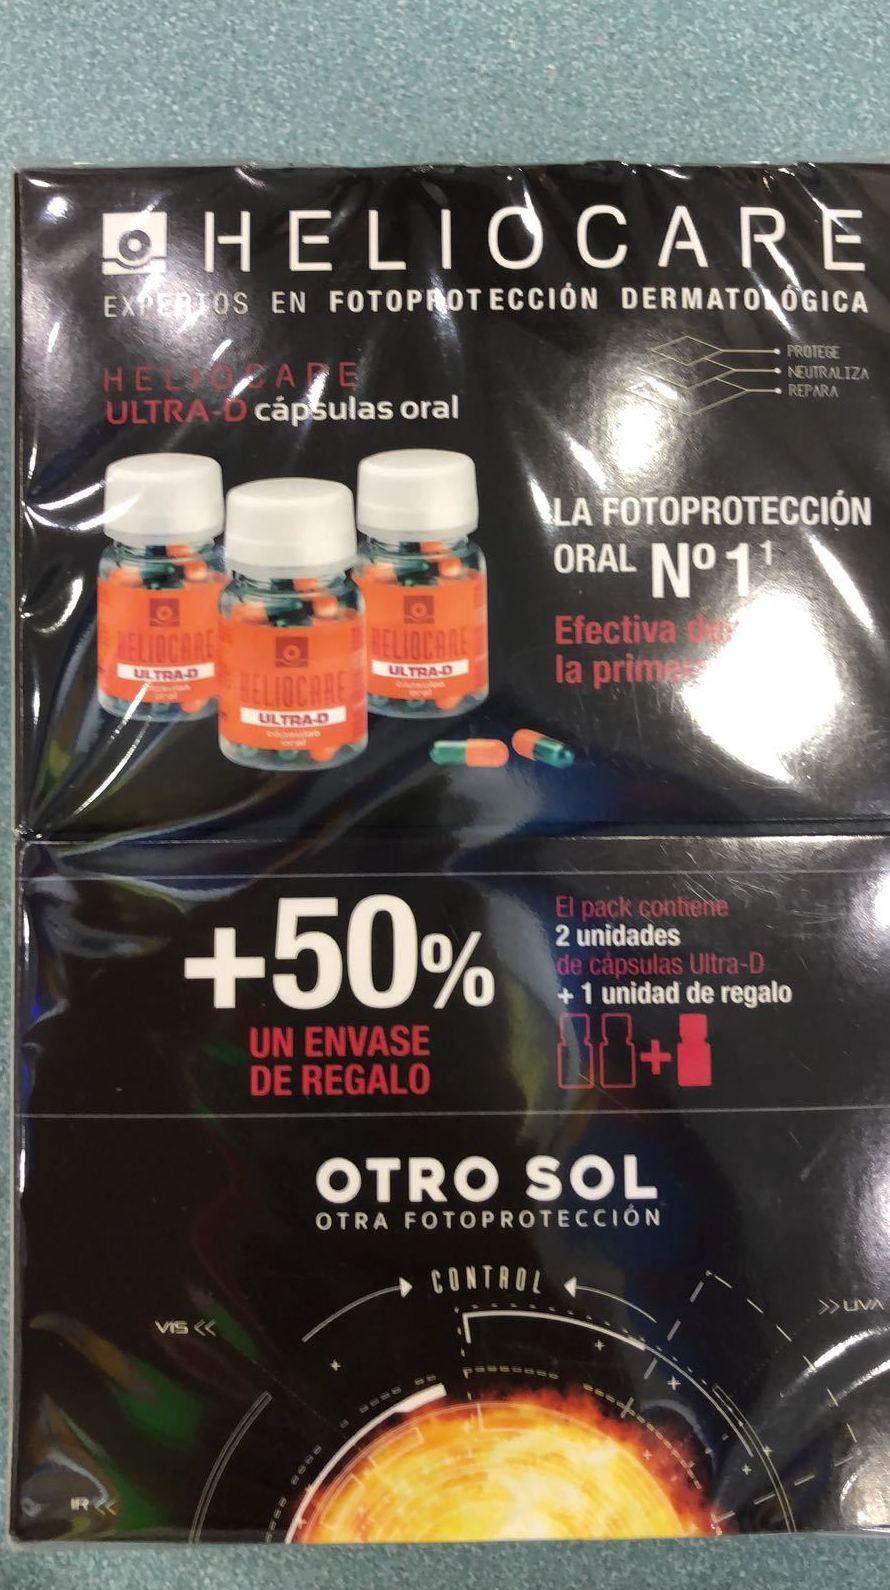 Fotoprotección dermatología, en Leon